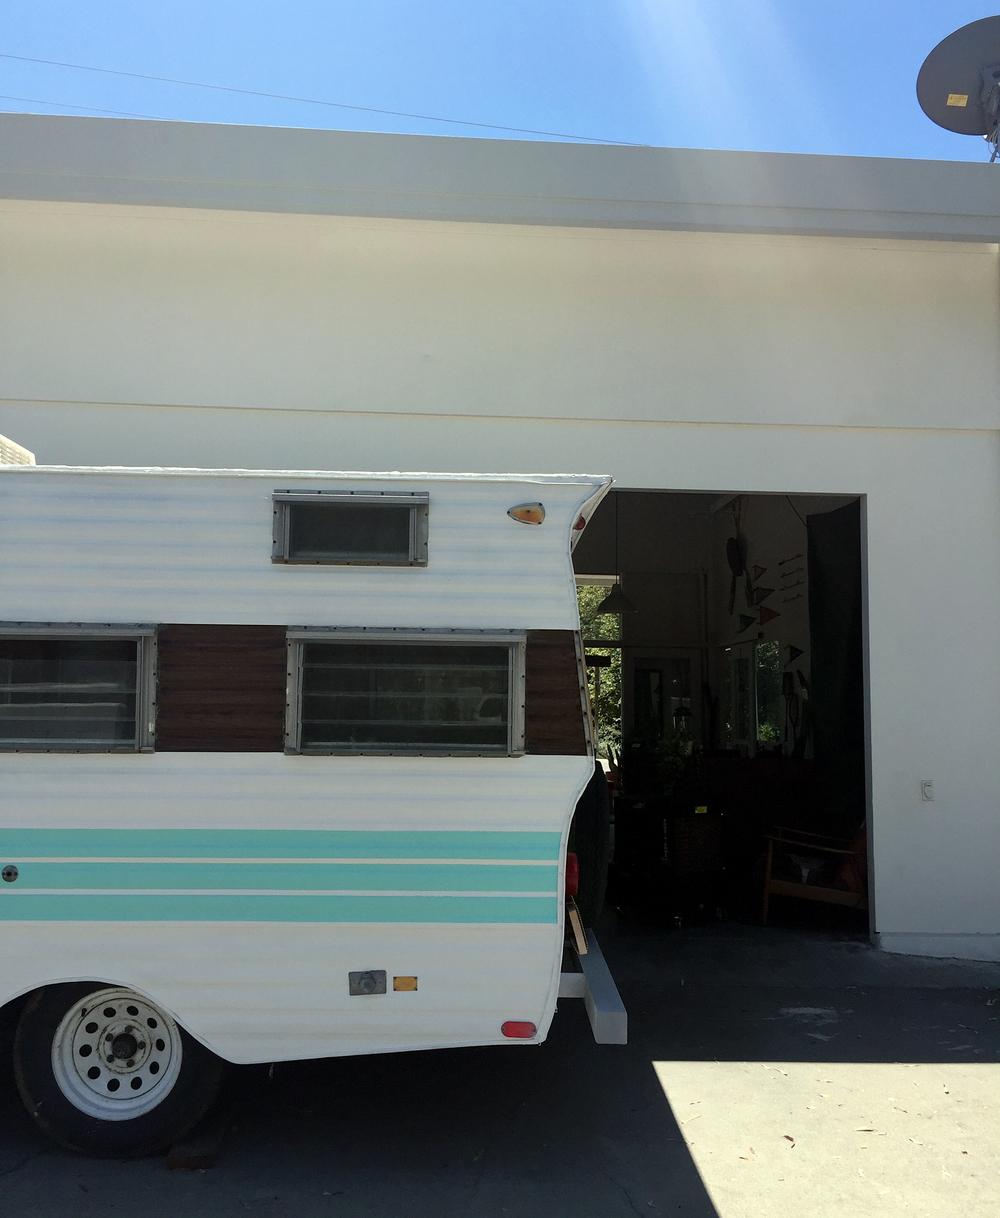 Summer Camp in Ojai, CA